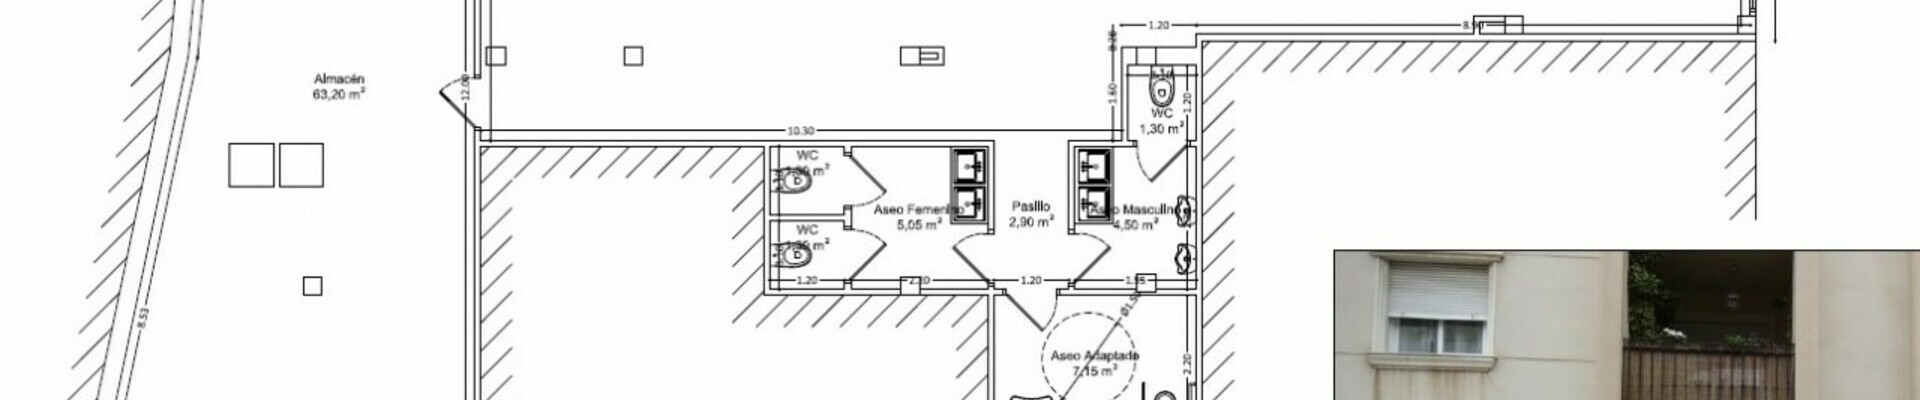 AF680: Commercial Property for Sale